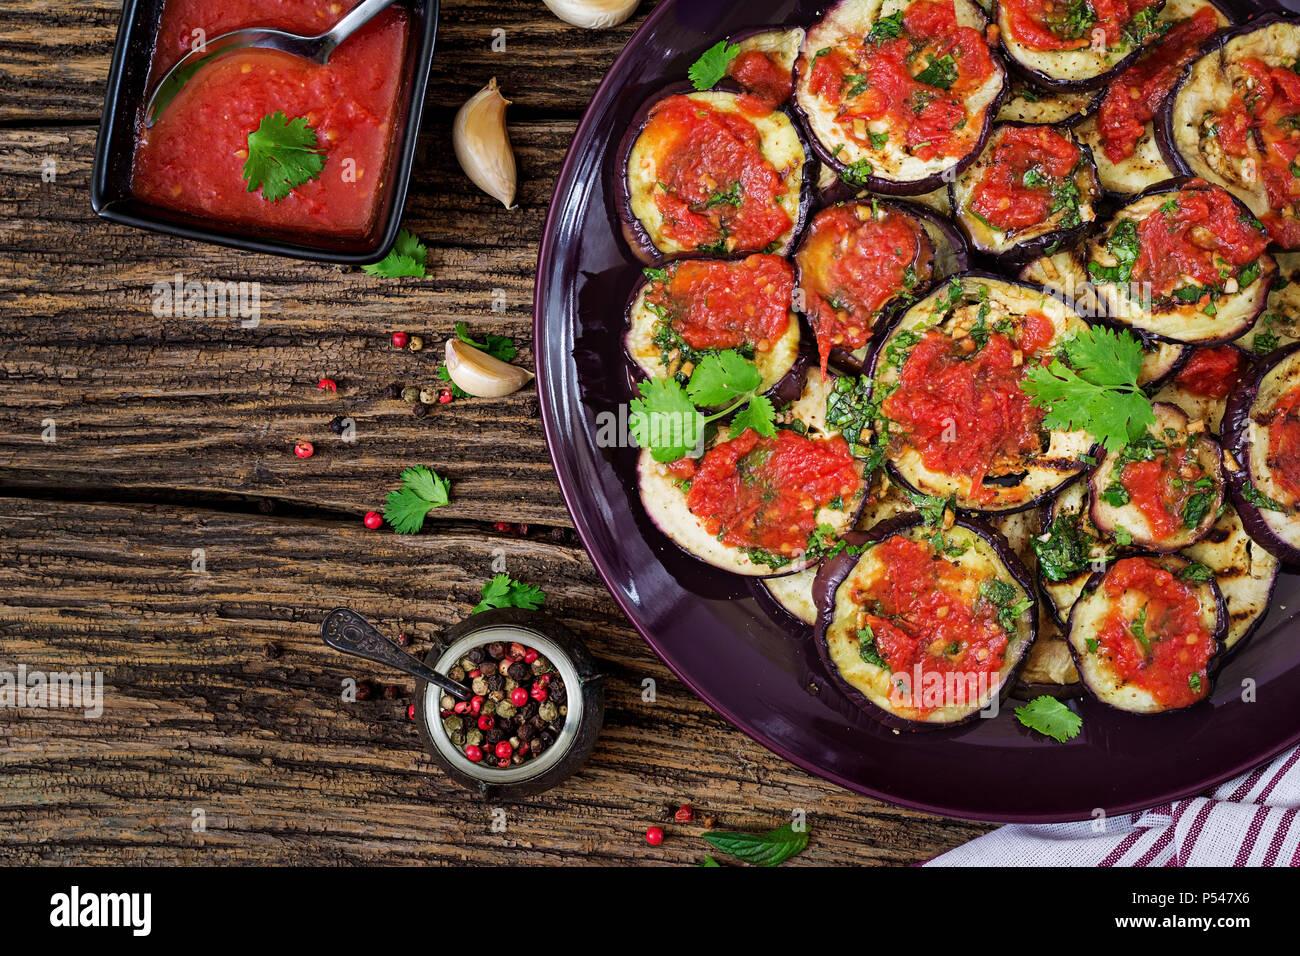 Auberginen gegrillt mit Tomatensauce, Knoblauch, Koriander und Minze. Veganes essen. Gegrillte Aubergine. Ansicht von oben. Flach Stockbild